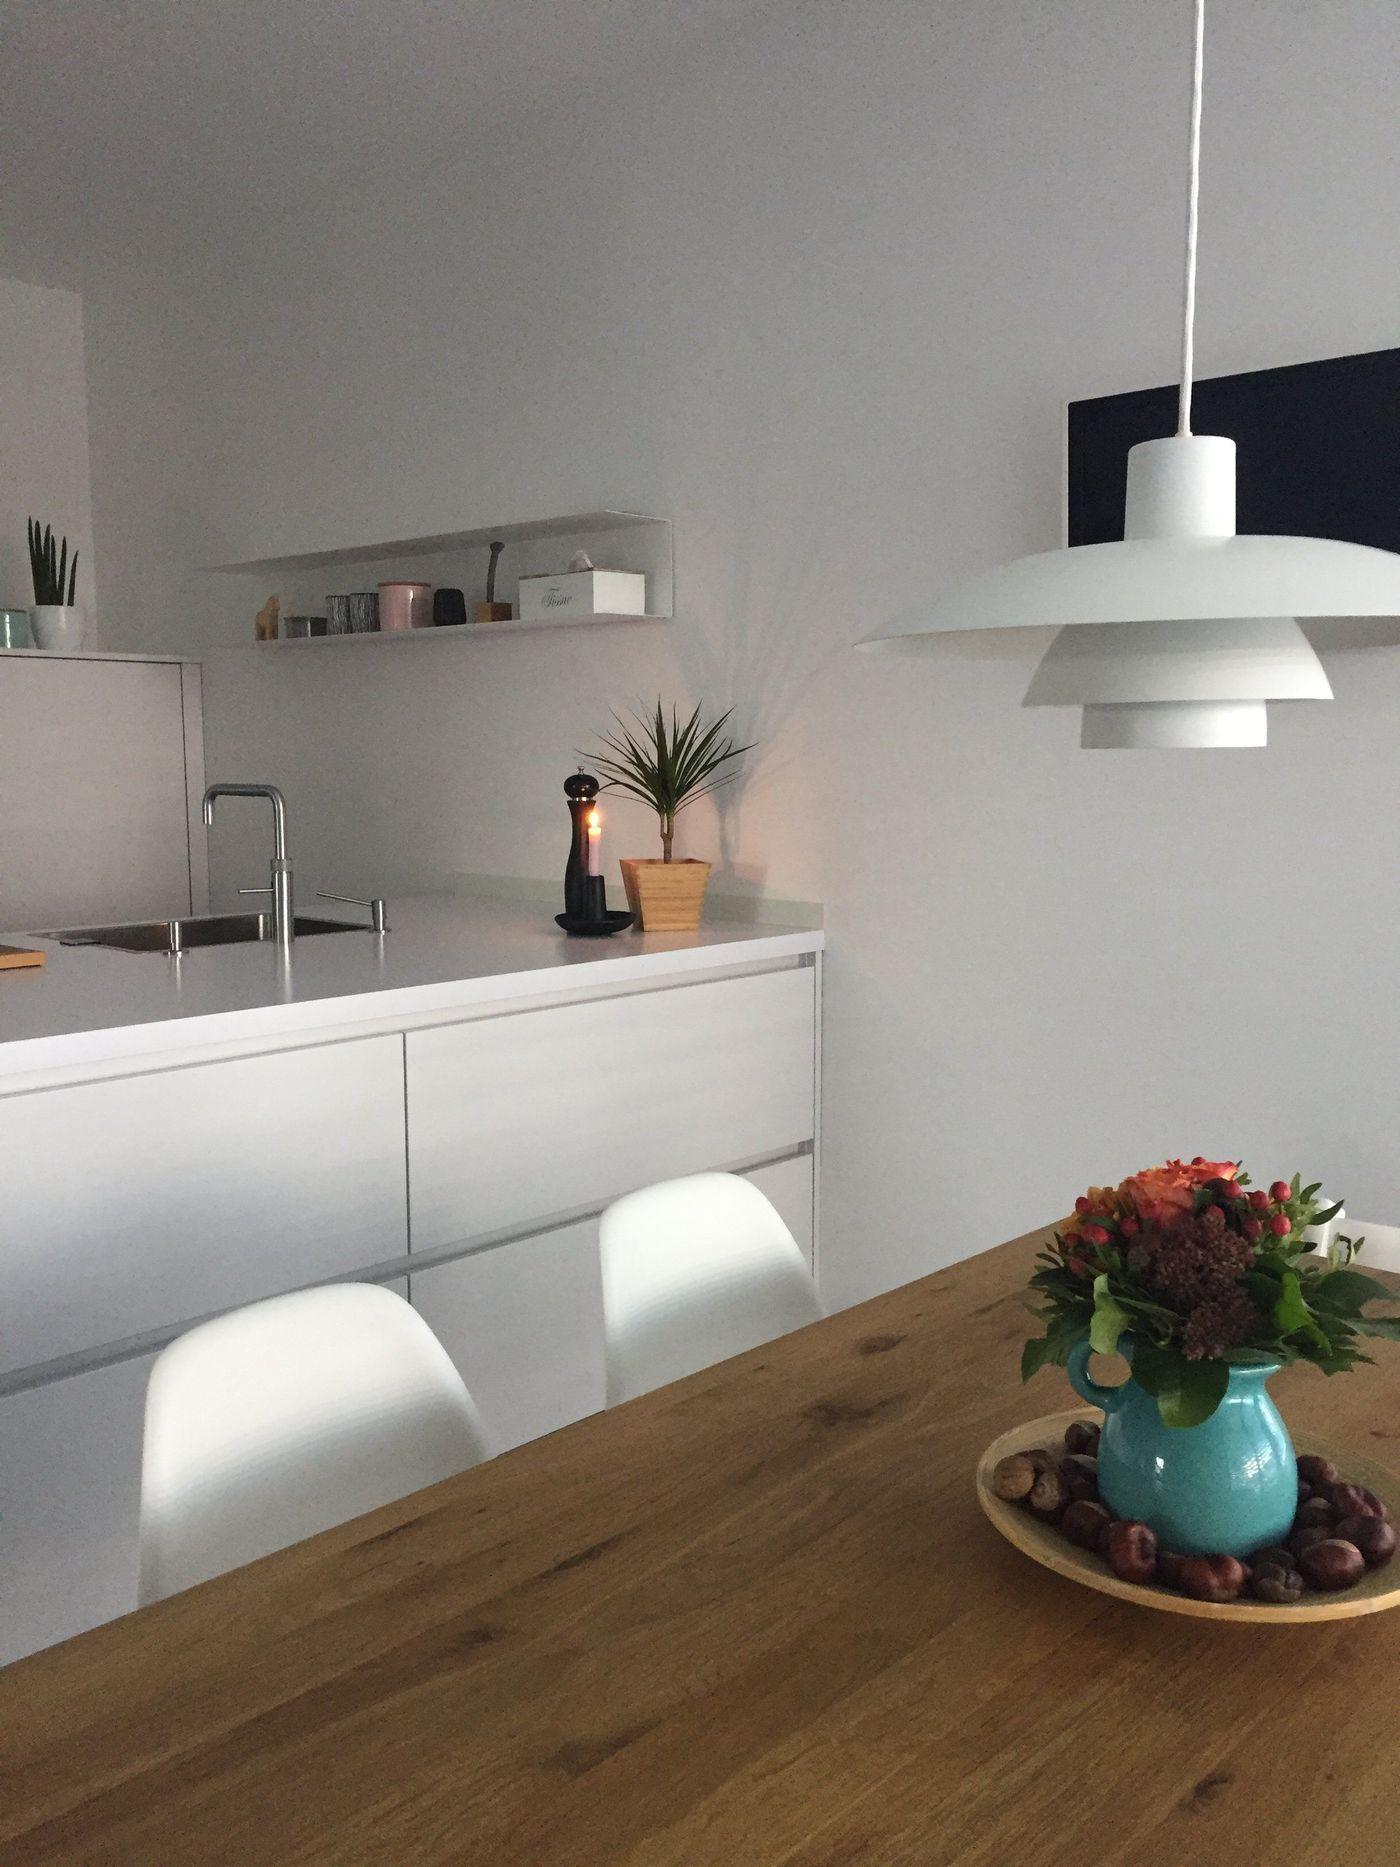 Full Size of Ikea Hängeregal Ideen Und Inspirationen Fr Regale Betten 160x200 Modulküche Küche Kosten Bei Miniküche Kaufen Sofa Mit Schlaffunktion Wohnzimmer Ikea Hängeregal